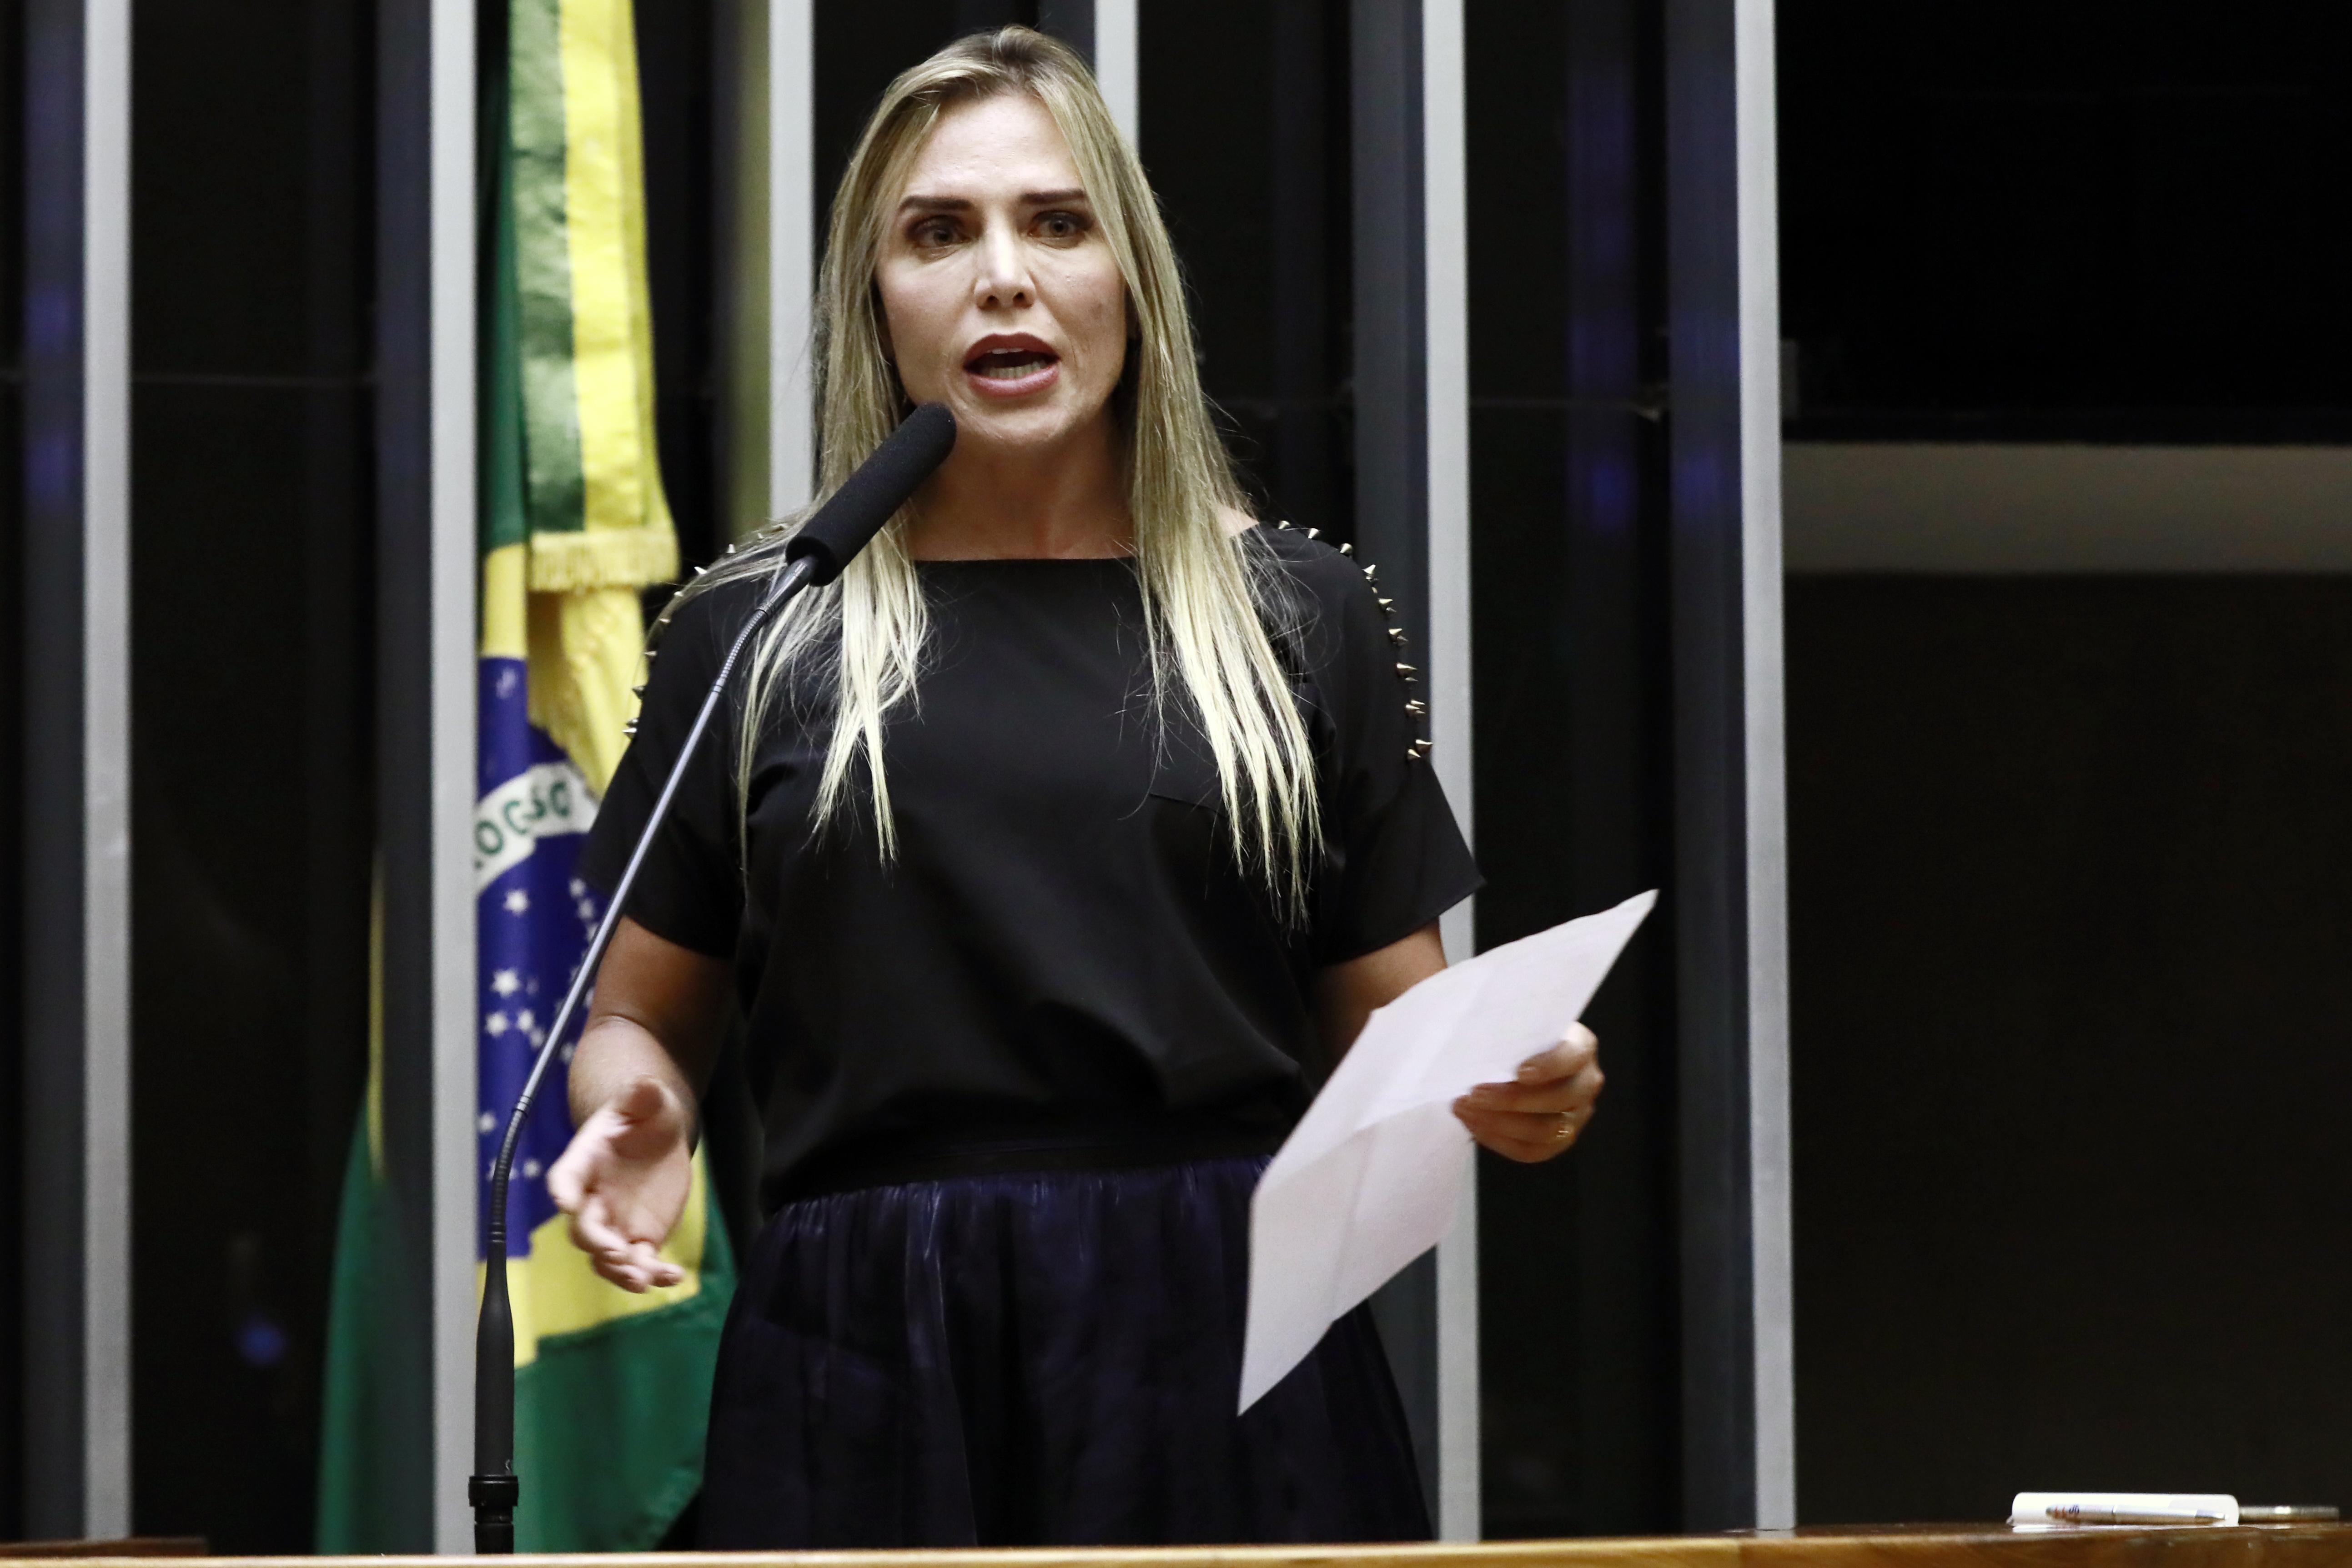 Ordem do dia para discussão e votação de diversos projetos. Dep. Celina Leão (PP - DF)